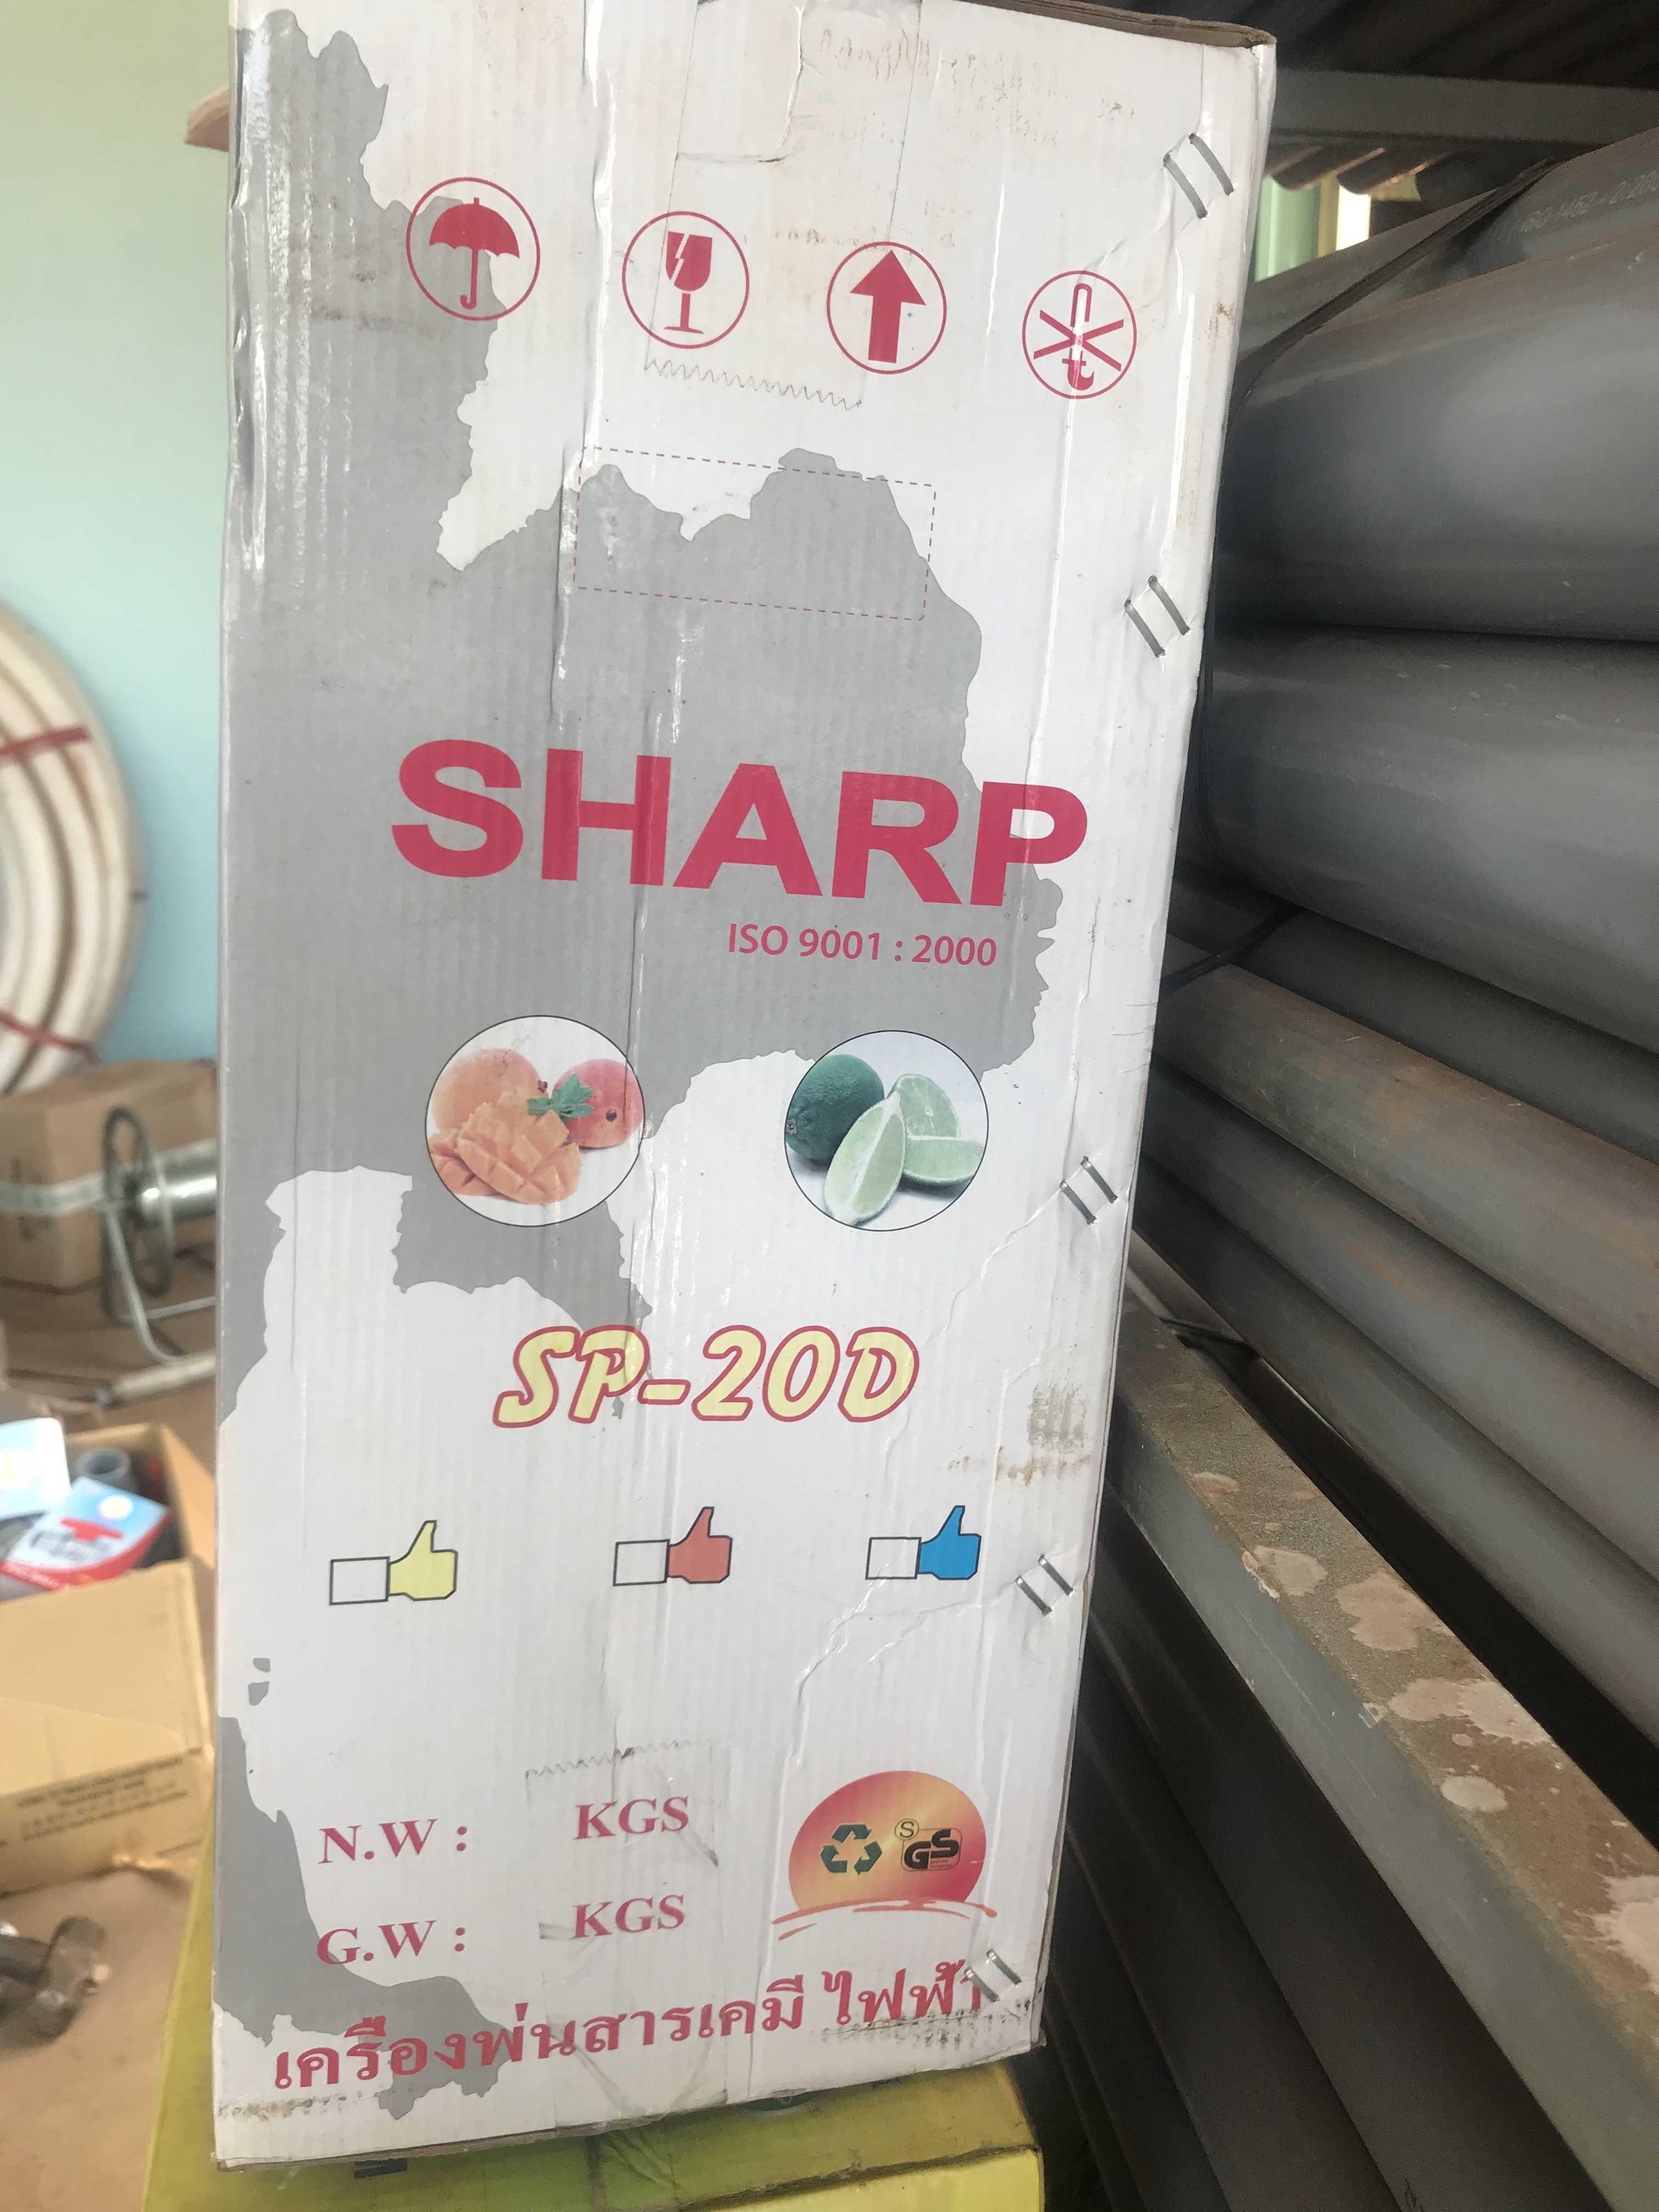 Bình xịt điện Sharp SP-20D dung tích 20 Lít